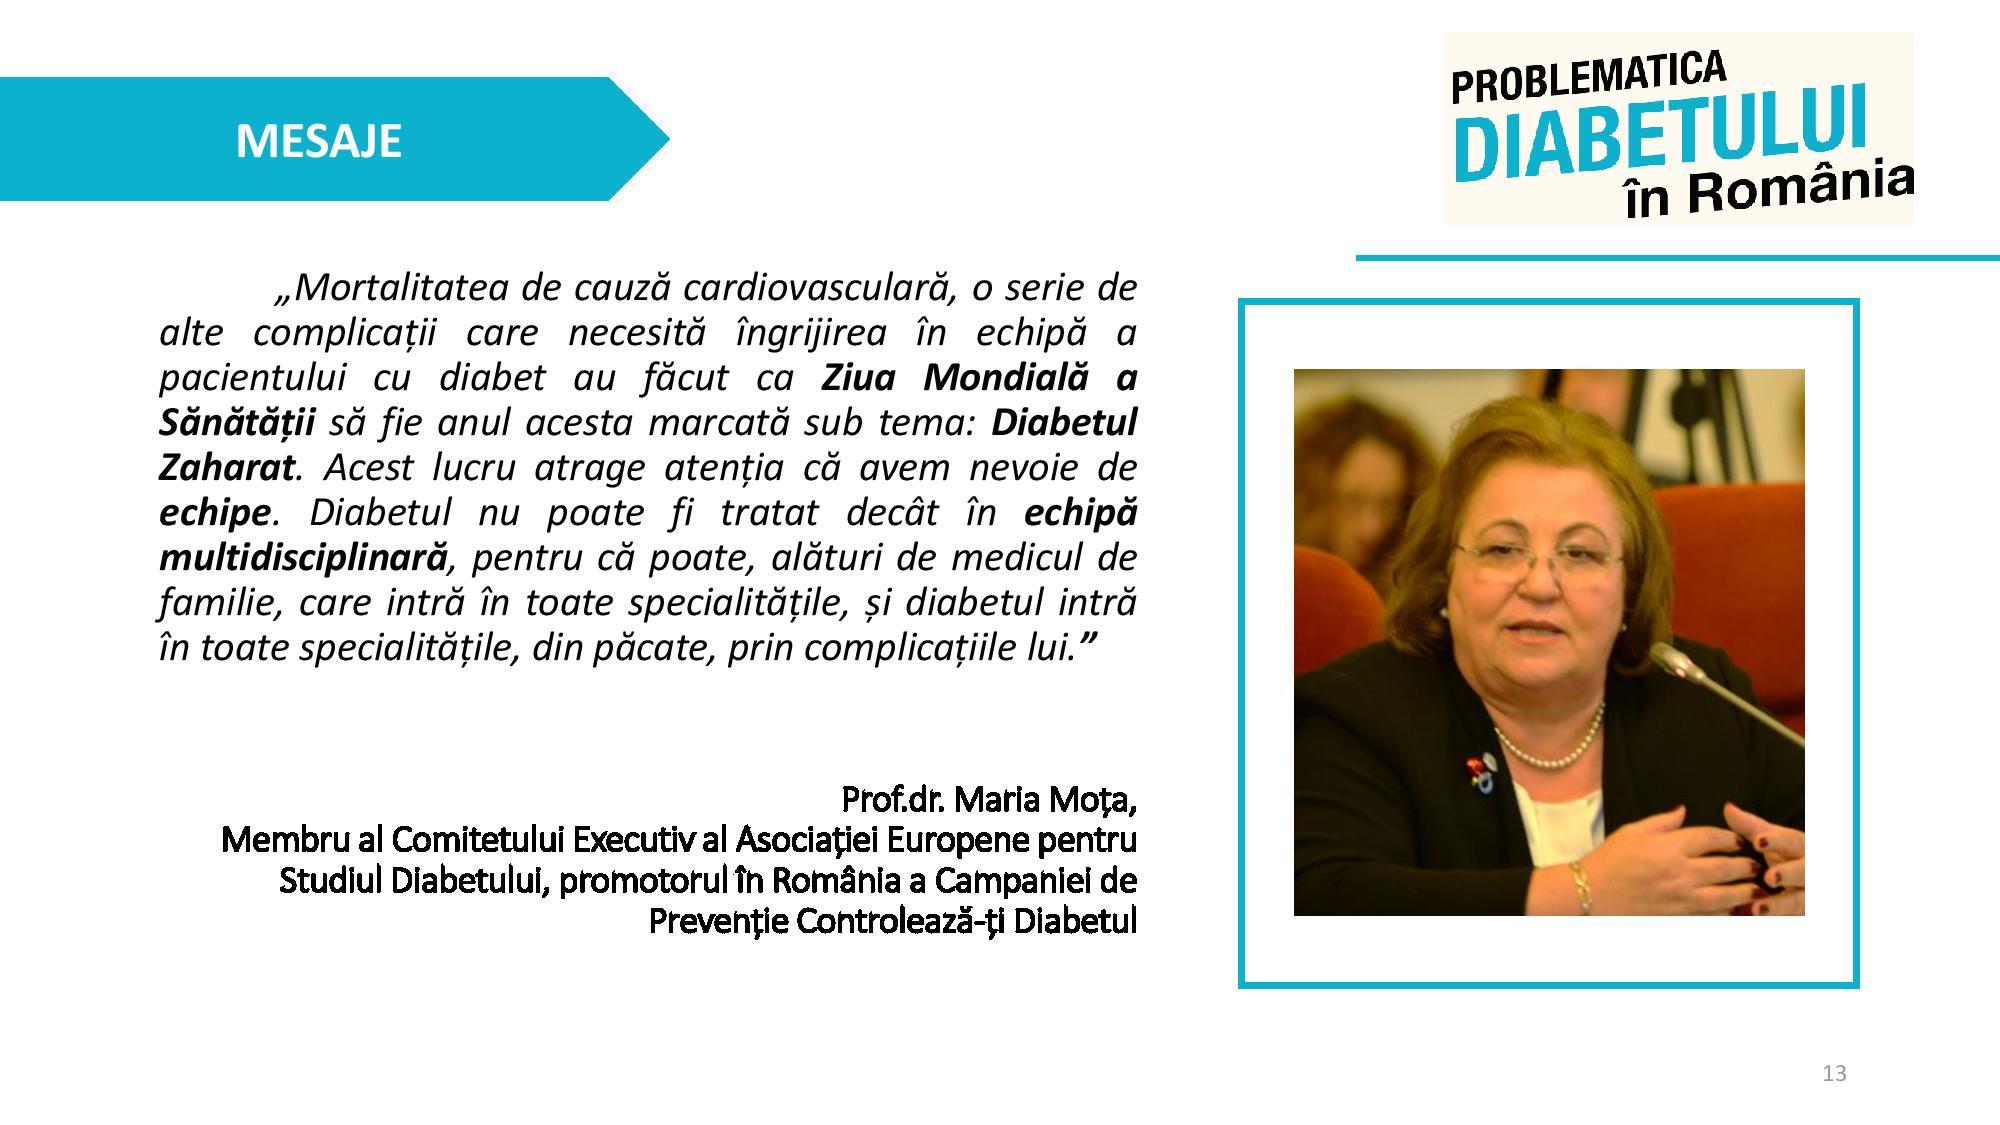 Problematica Diabetului in Romania 2016-page-013